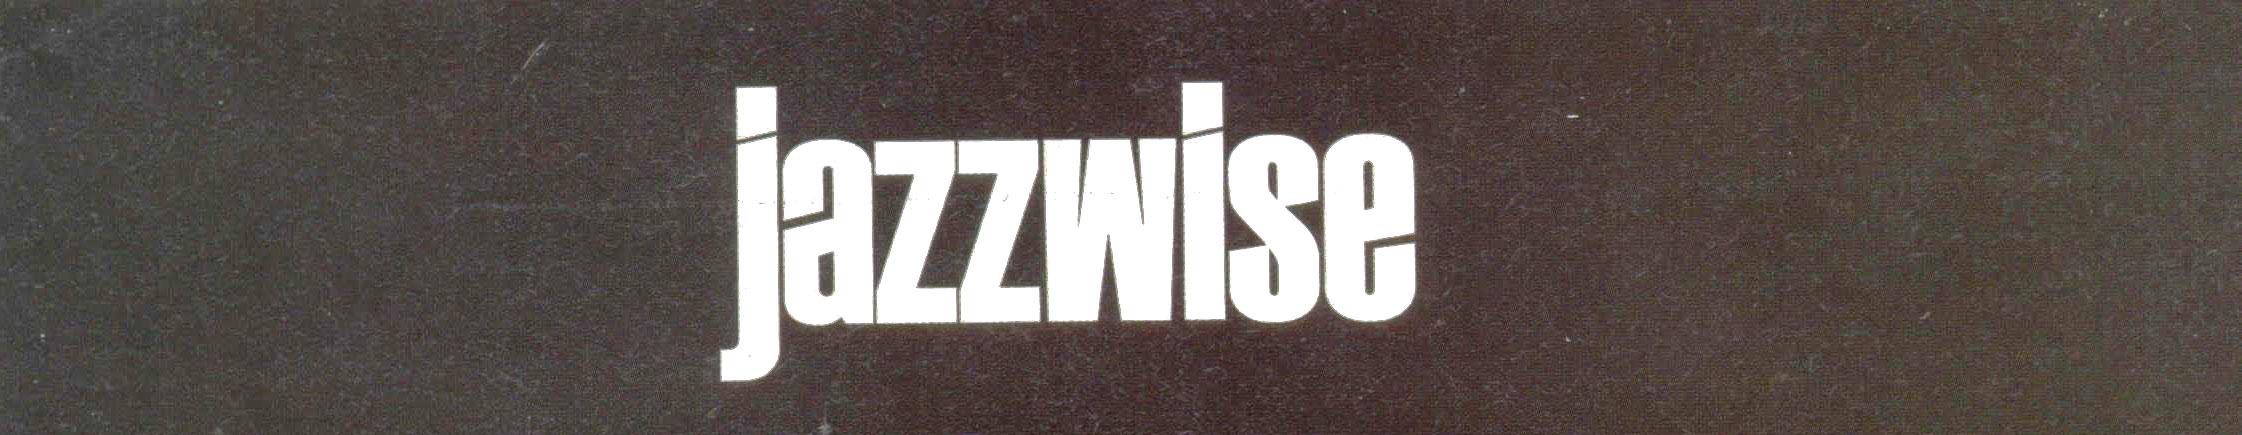 Jazzwise: November 2012